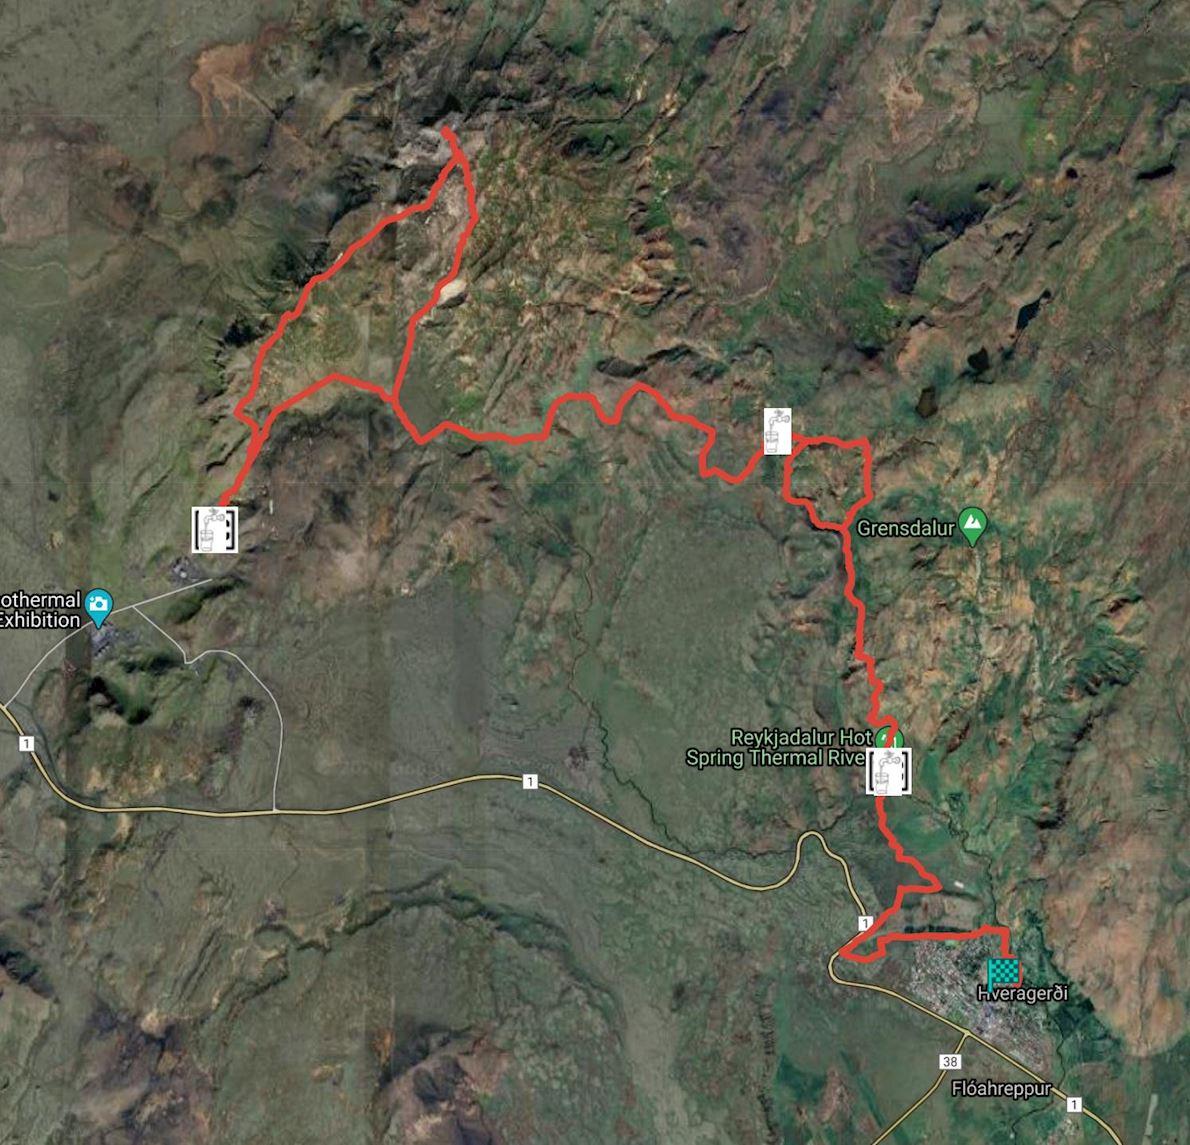 Hengill Ultra Trail Mappa del percorso